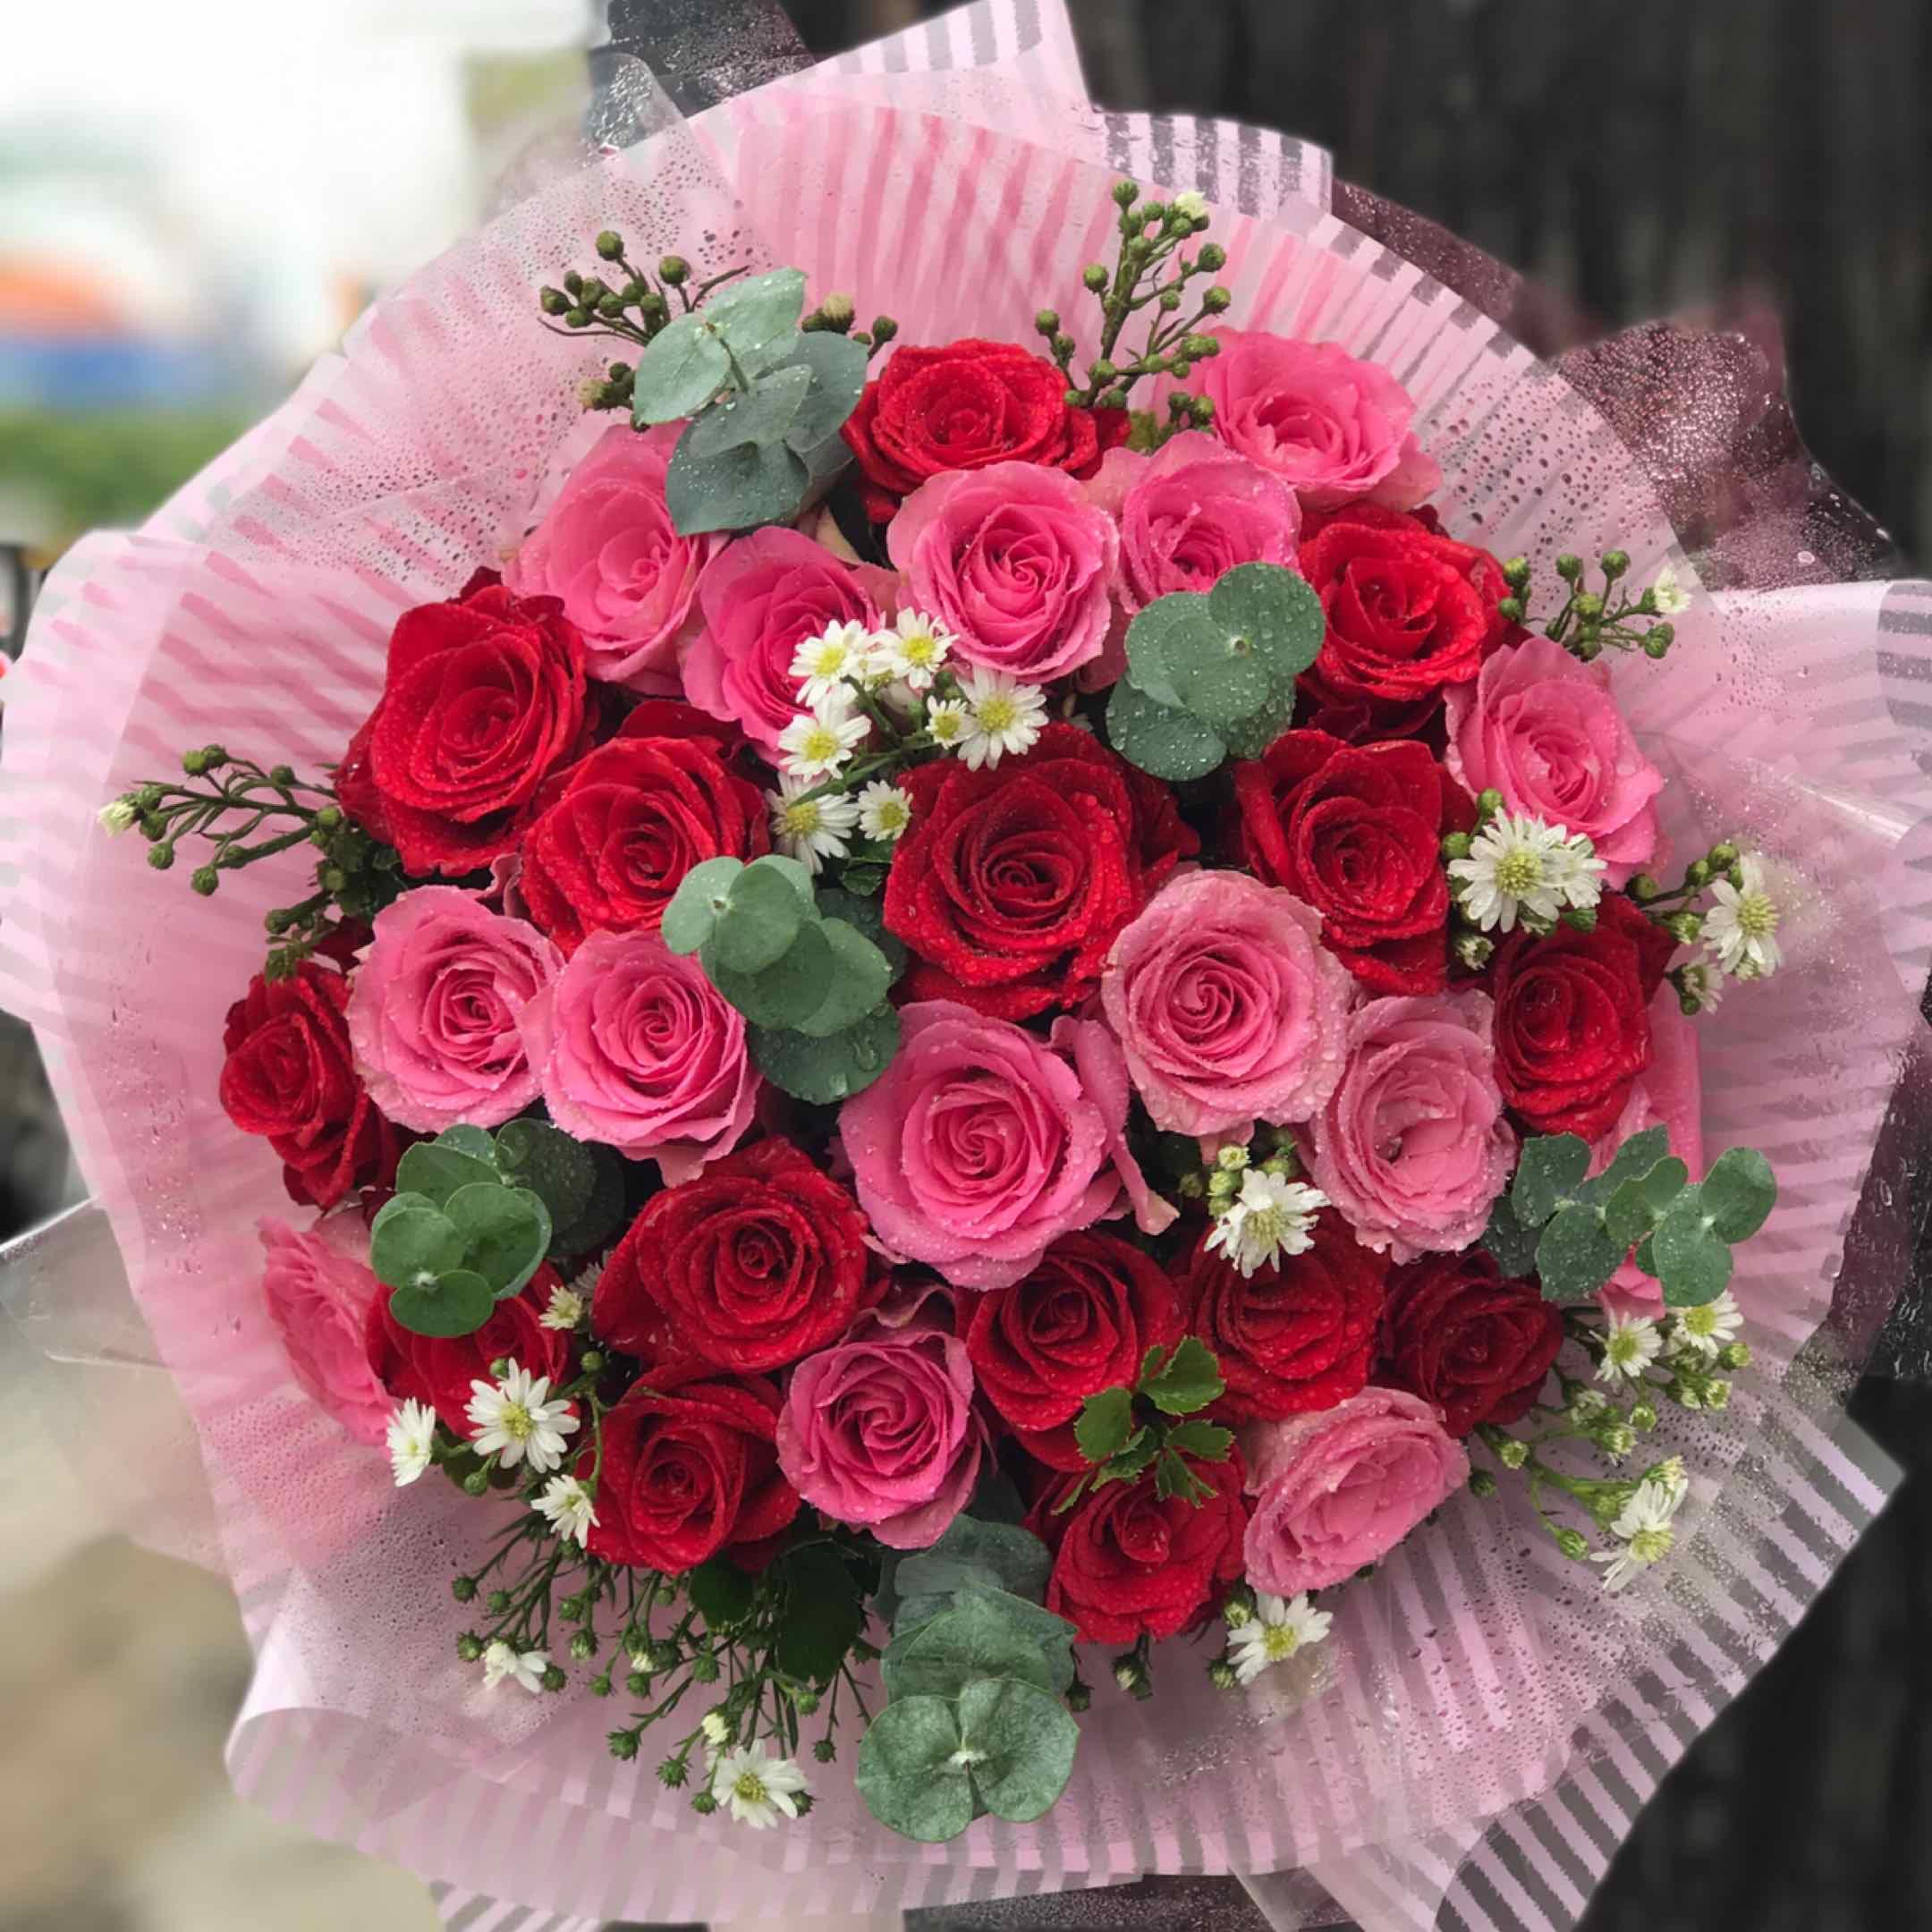 Công Danh - Tôi hỏi chú sâu xanh Lá có gì mà thích ..... Hoa lá Flowers 876 nguyễn kiệm, p3. gò Vấp